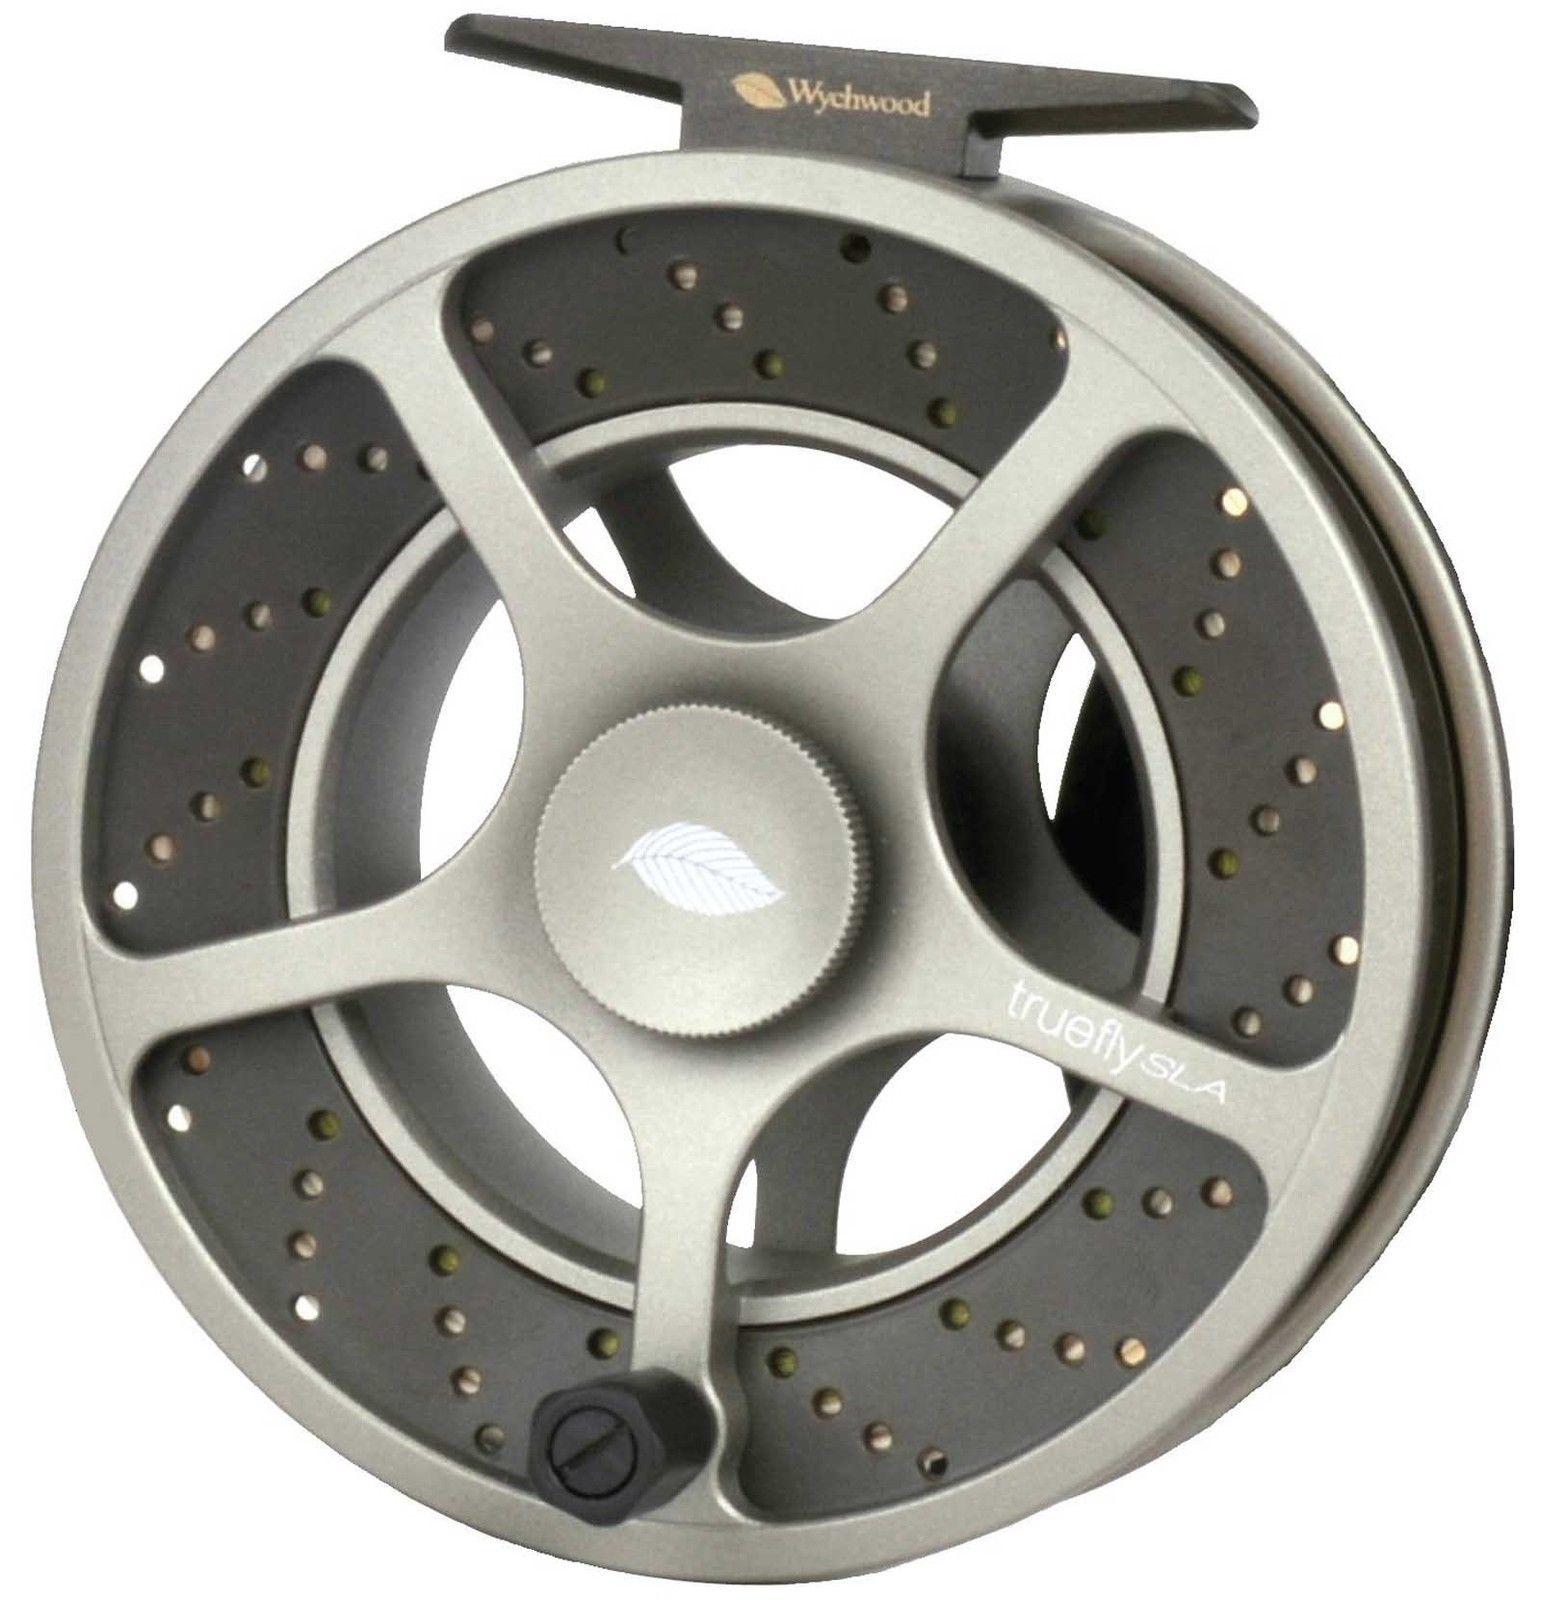 Wychwood truefly sla cassette fly fishing reels all for Fishing reel sizes